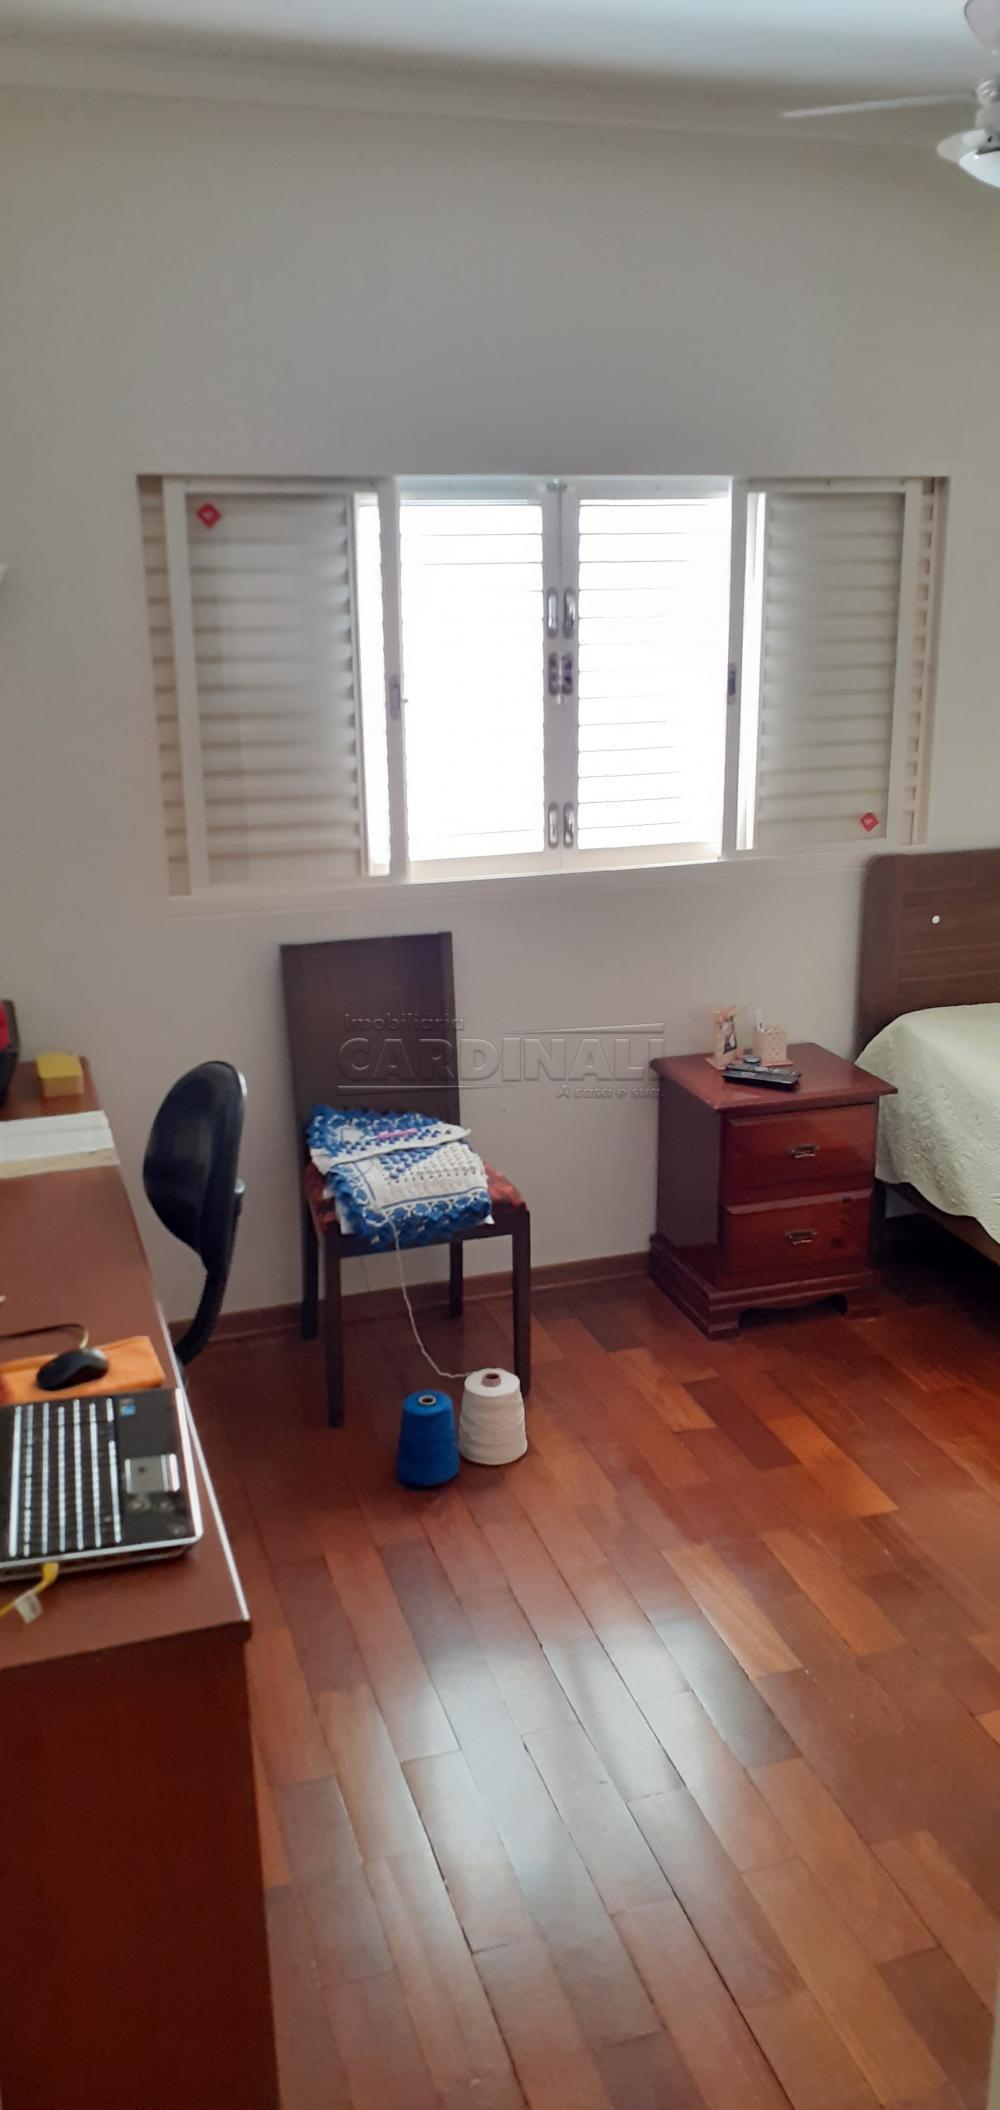 Alugar Casa / Condomínio em São Carlos R$ 3.900,00 - Foto 16